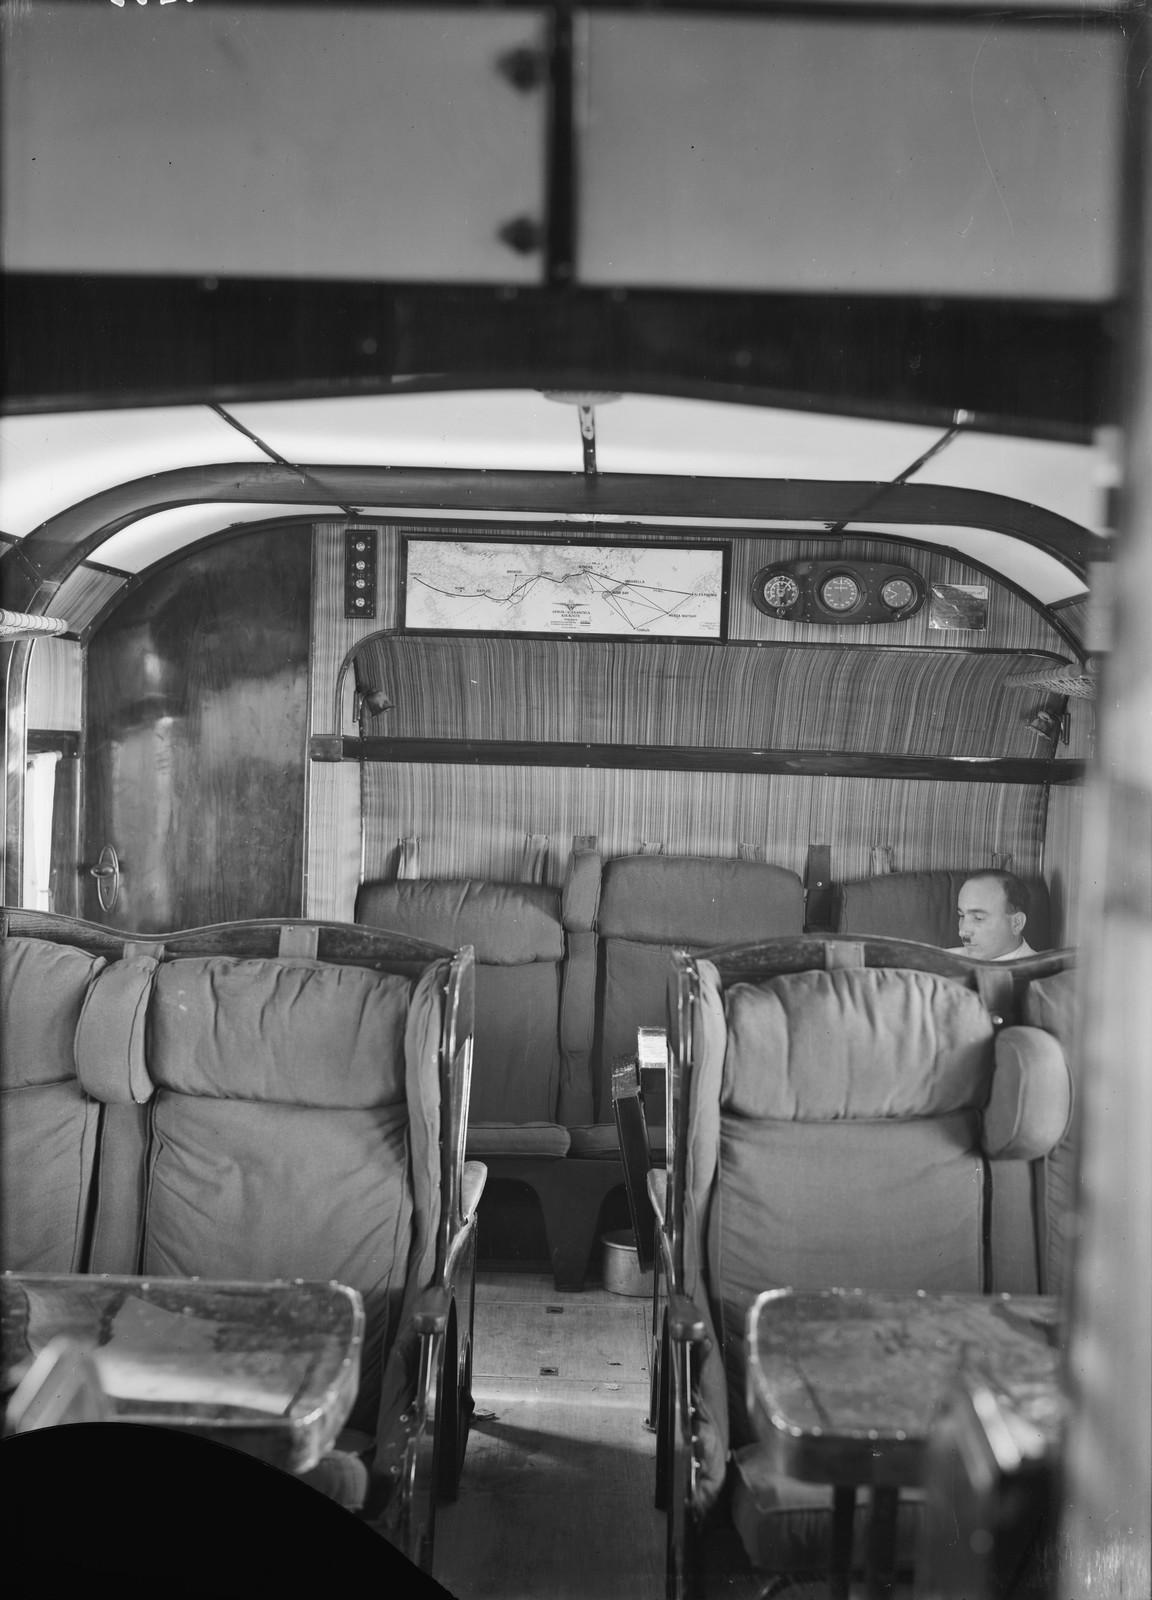 09. Пассажирский салон летающих лодок. Роскошный интерьер